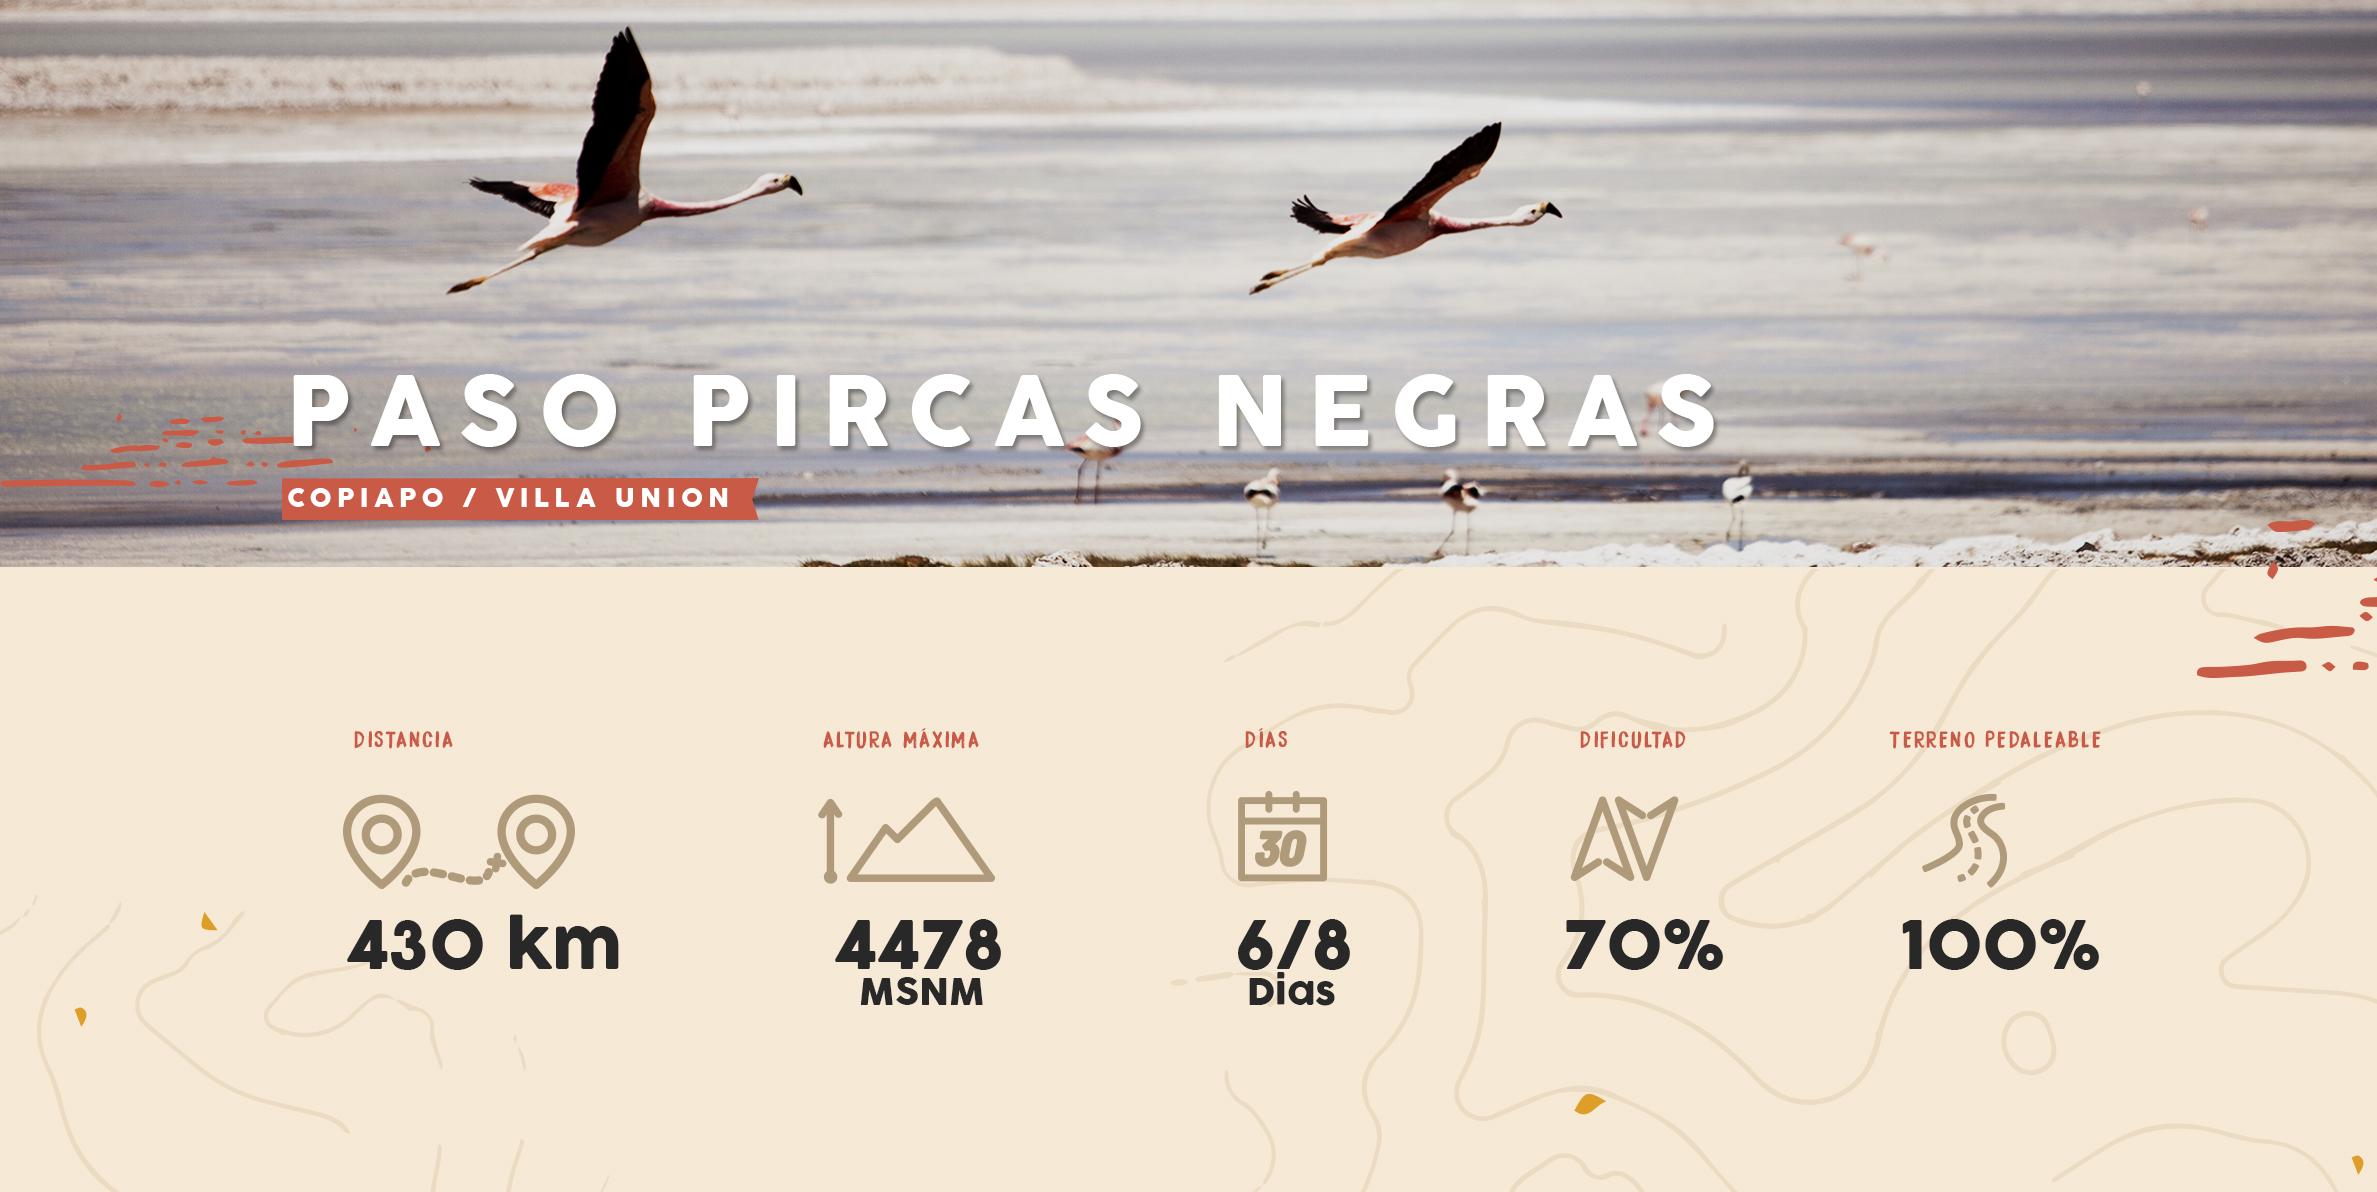 Paso Pircas Negras